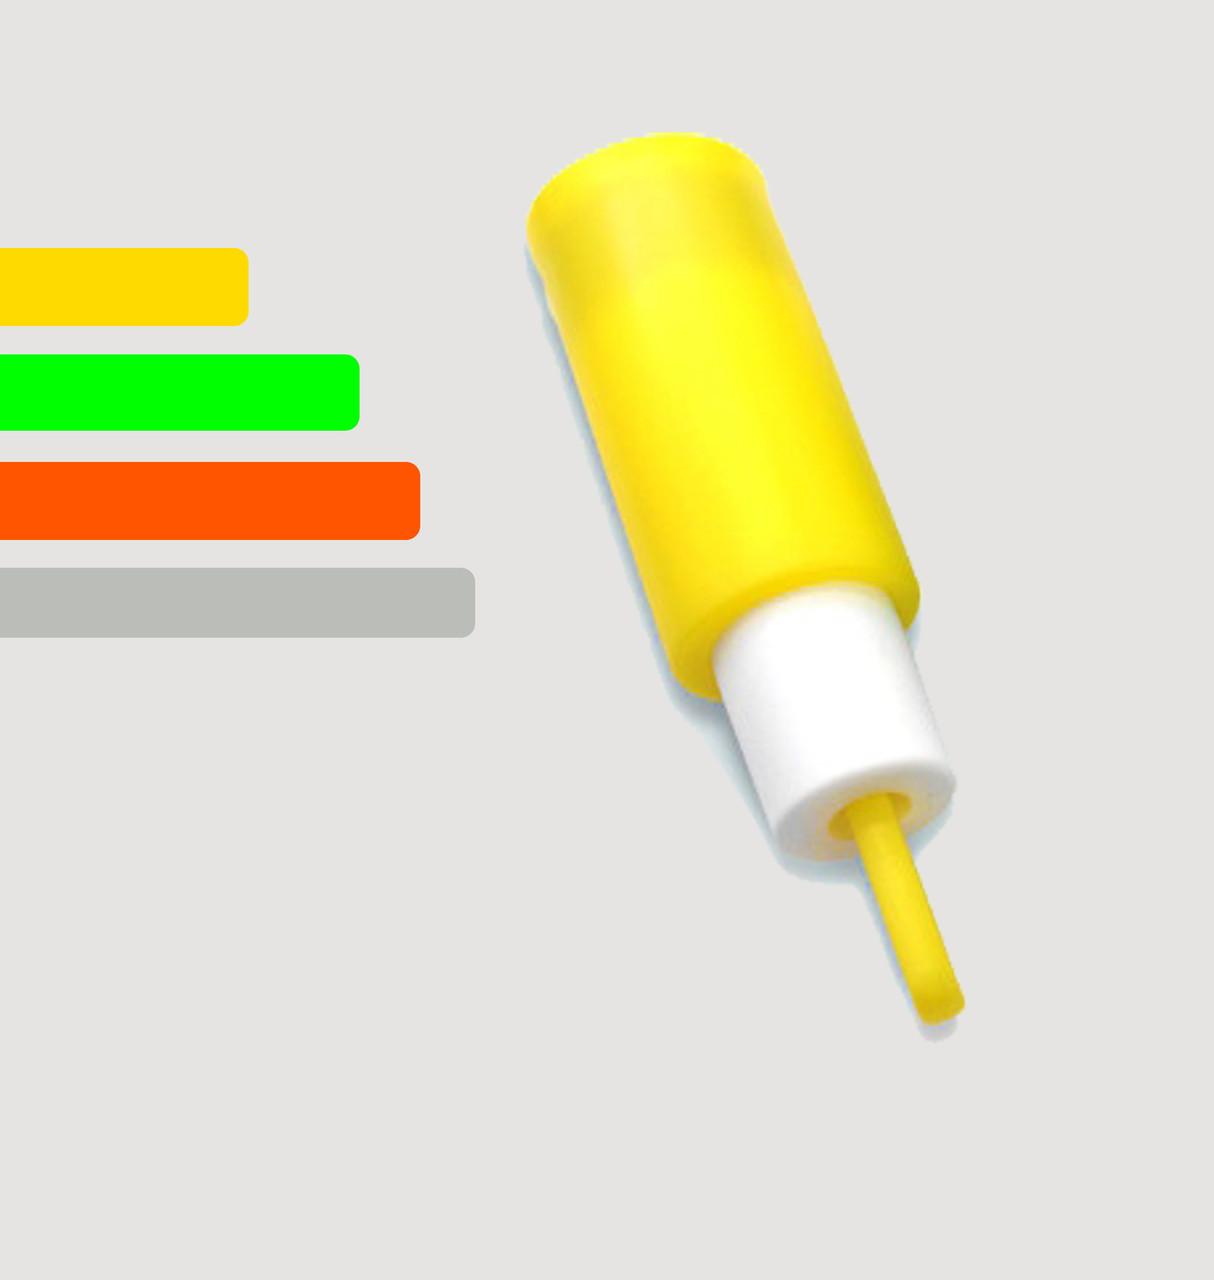 Ланцет автоматический Medlance Plus Special 0.8mm поштучно